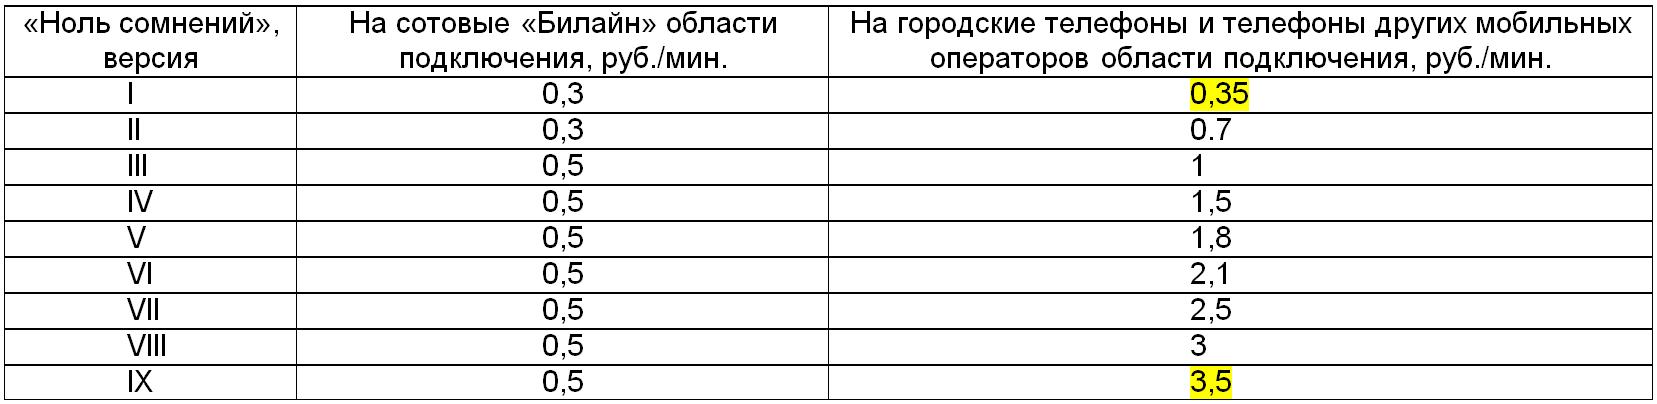 Билайн_Ноль сомнений 1-9